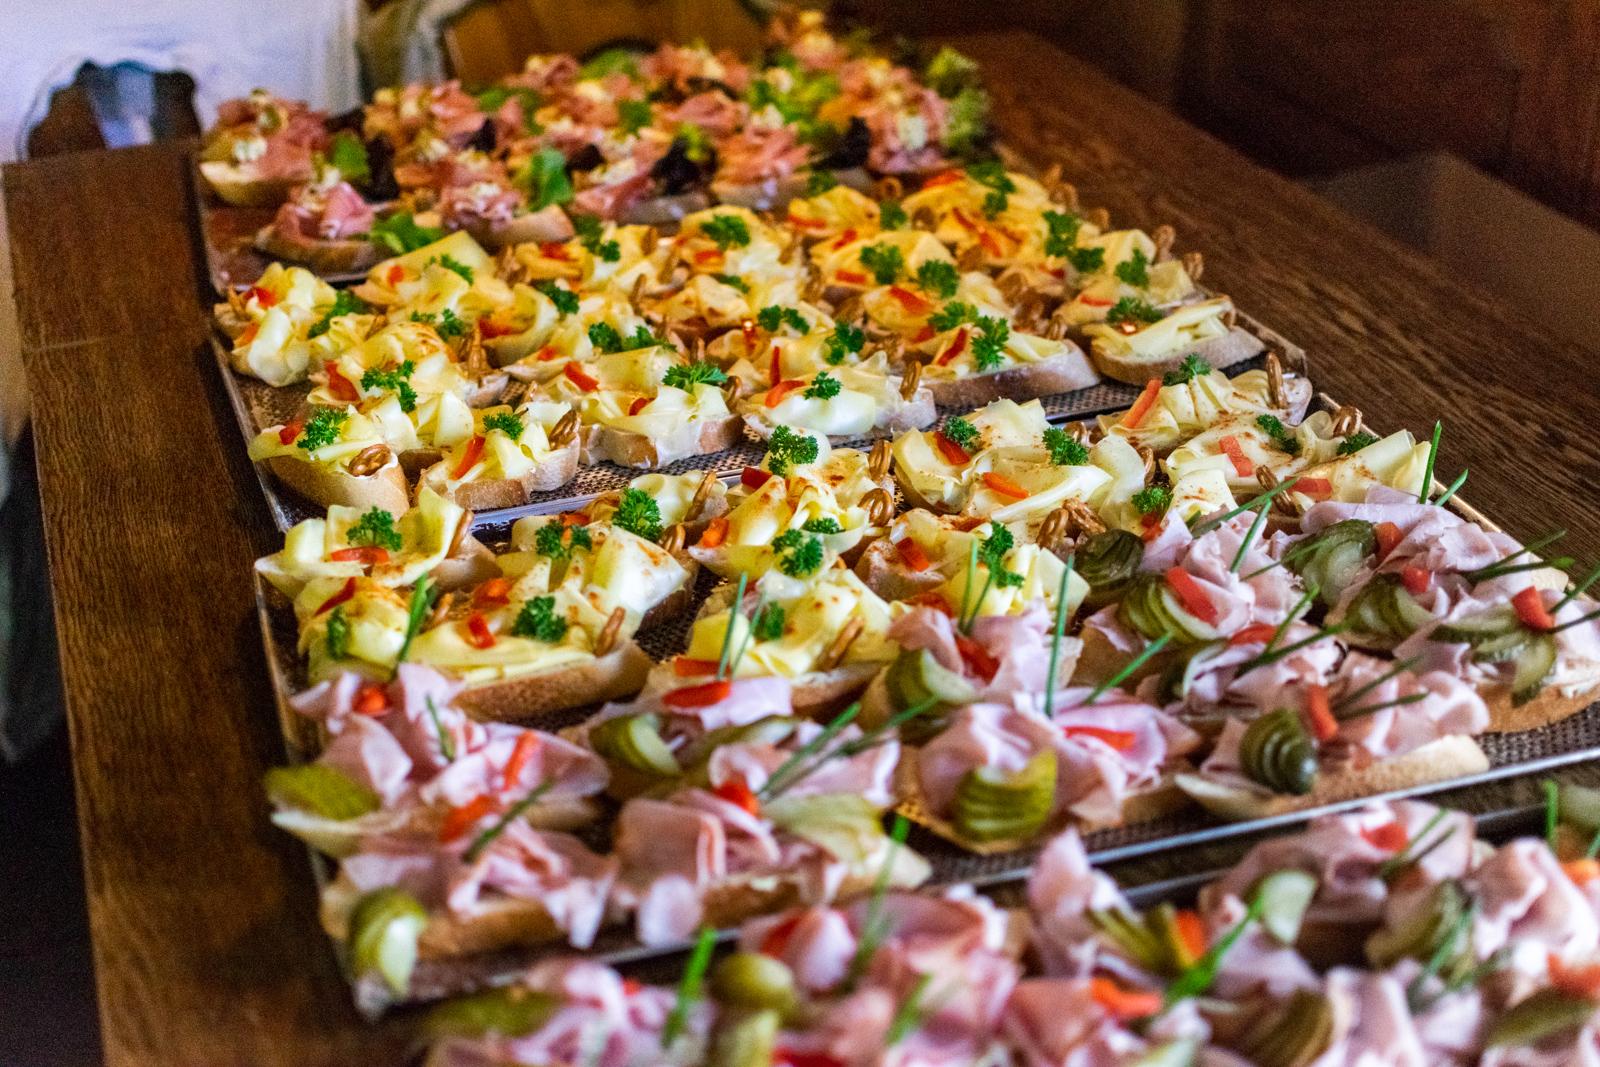 Zweierlei Canapes mit Landkäse und Rosmarinschinken sowie Obatzter mit Radieschen auf selbst gebackenem Baguette